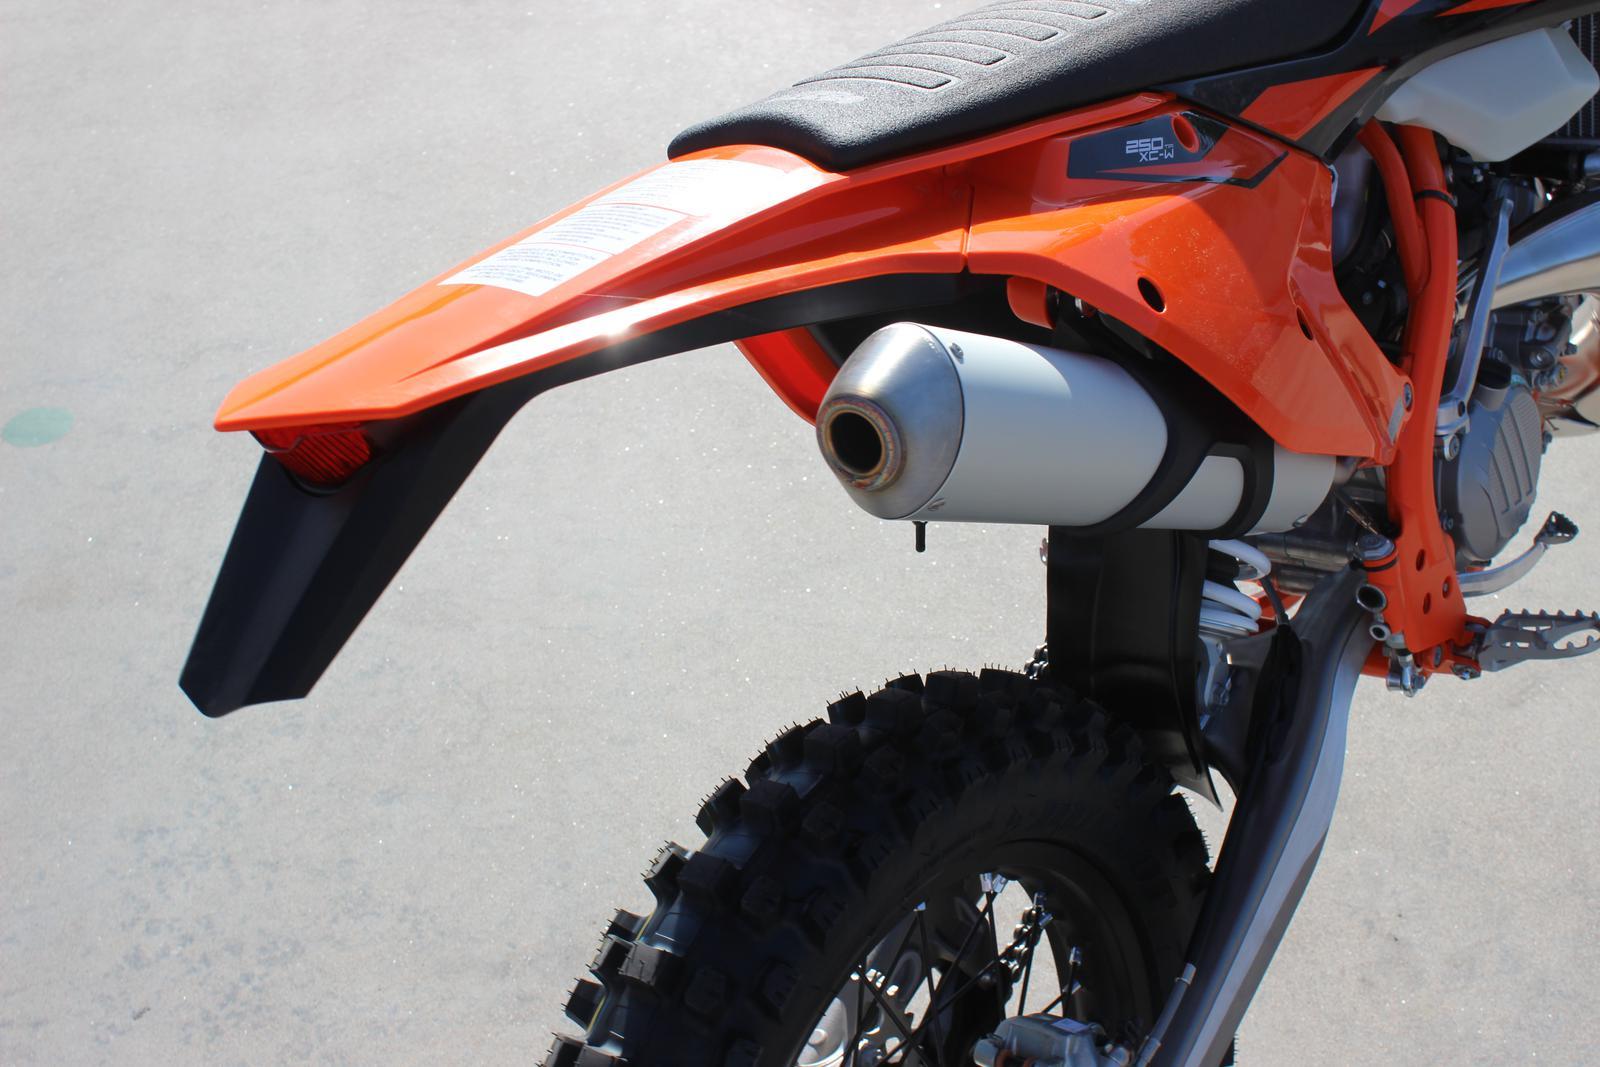 2019 KTM 250 XC-W